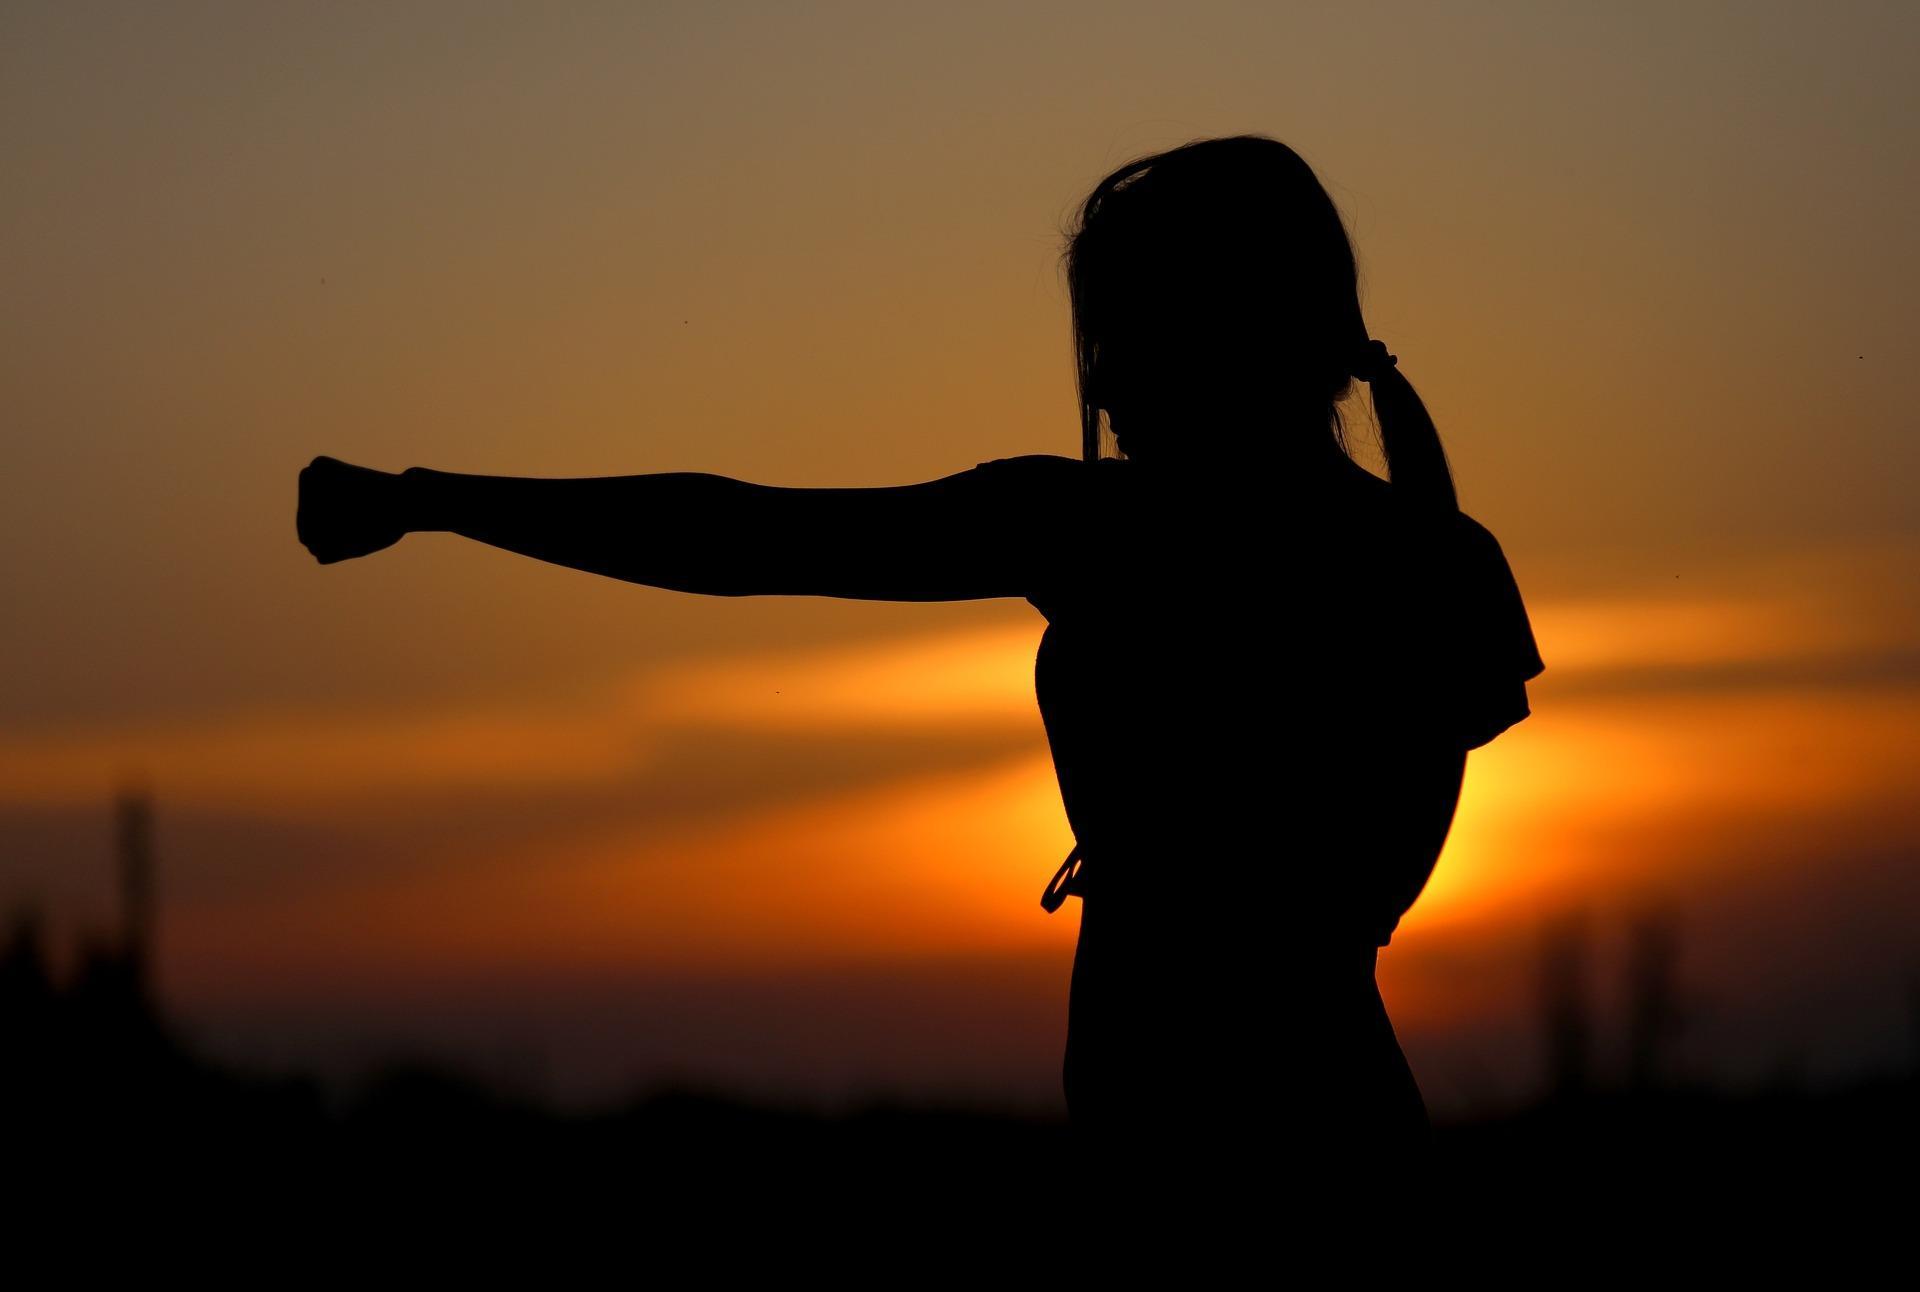 Taller de defensa personal per a noies